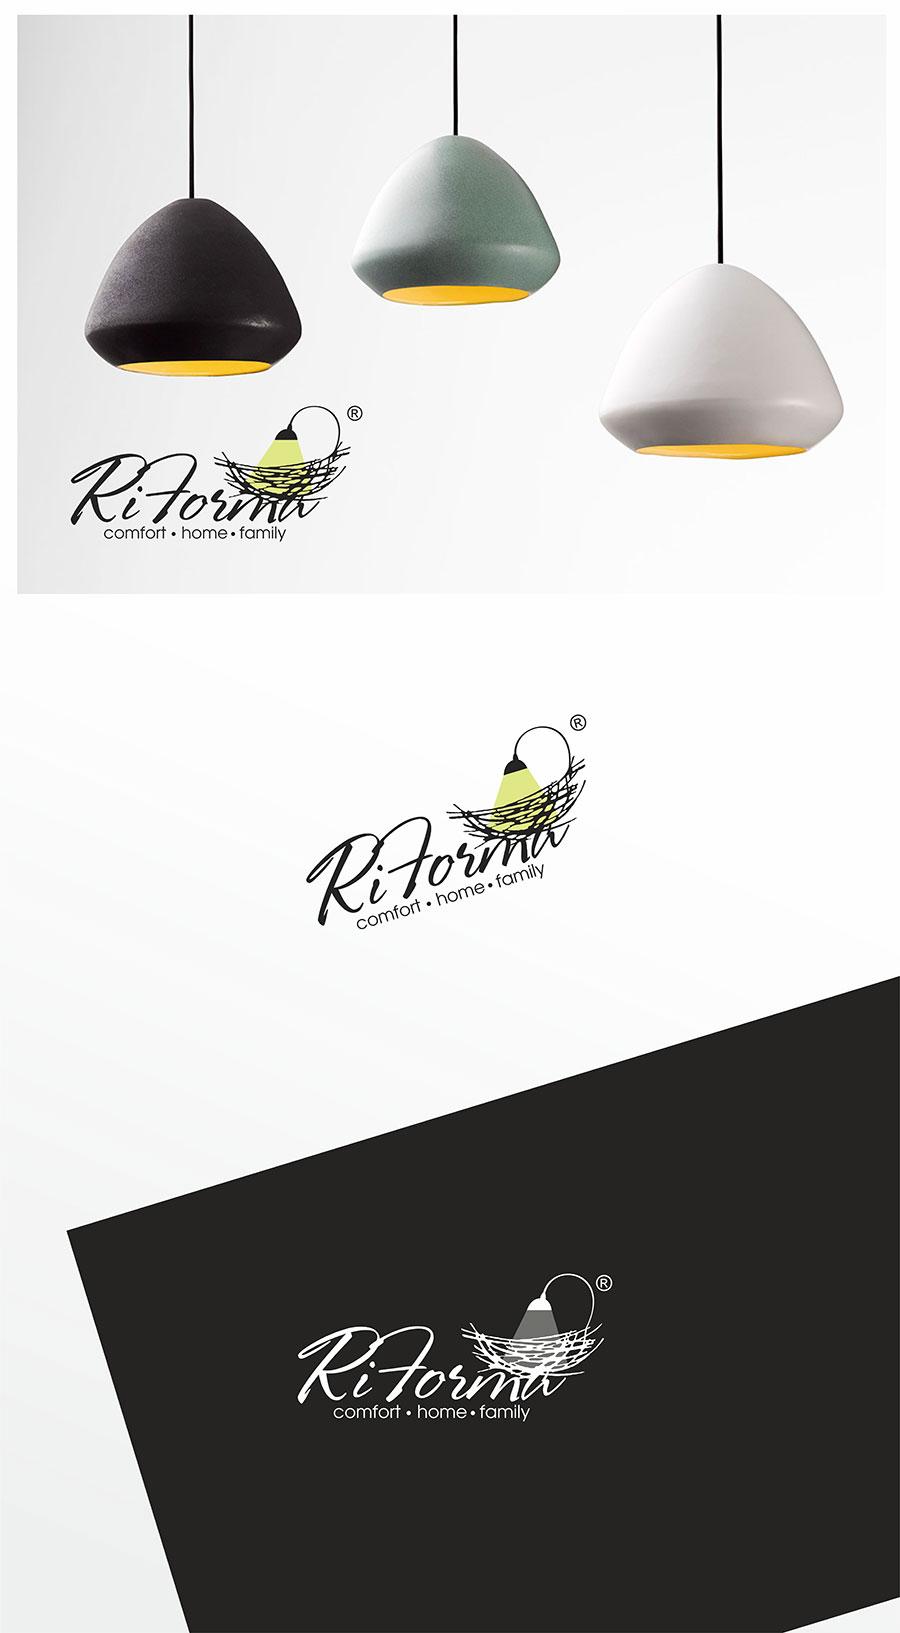 Разработка логотипа и элементов фирменного стиля фото f_9805793f0e661950.jpg